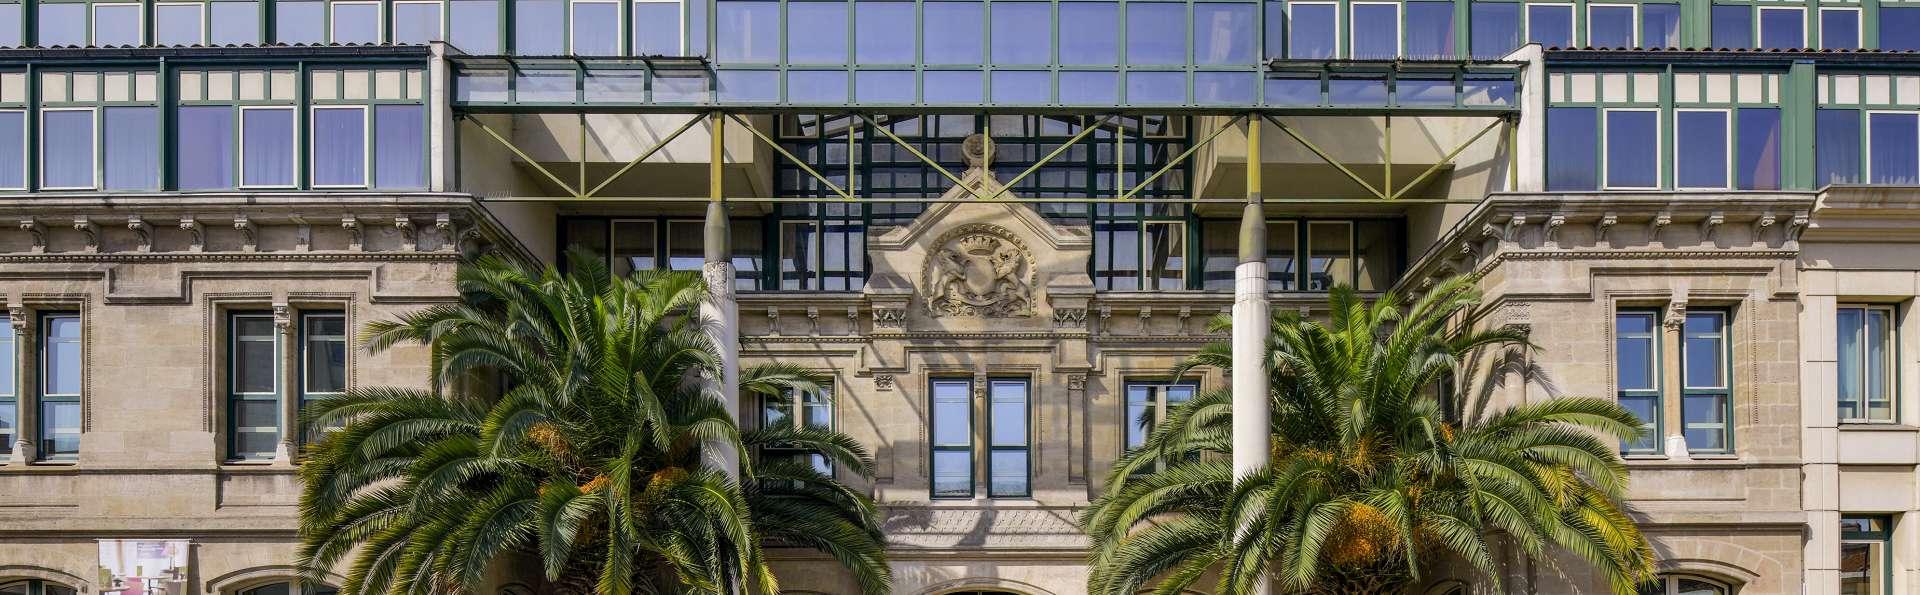 Mercure Bordeaux Château Chartrons - Facade_de_l_hotel.jpg